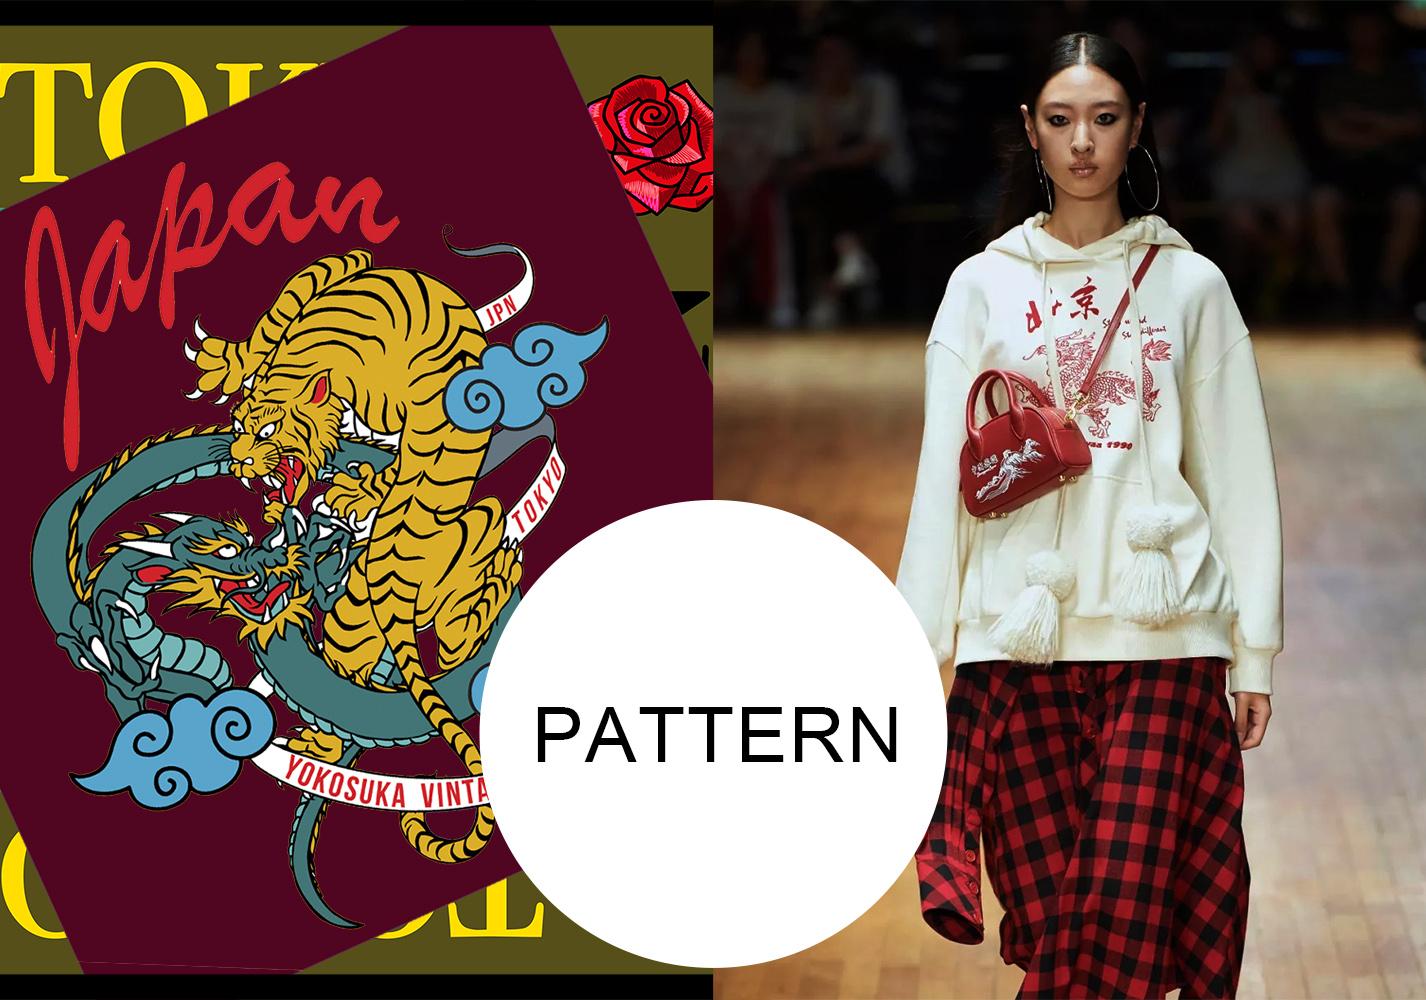 Dragon -- Pattern Trend of 20/21 A/W Womenswear